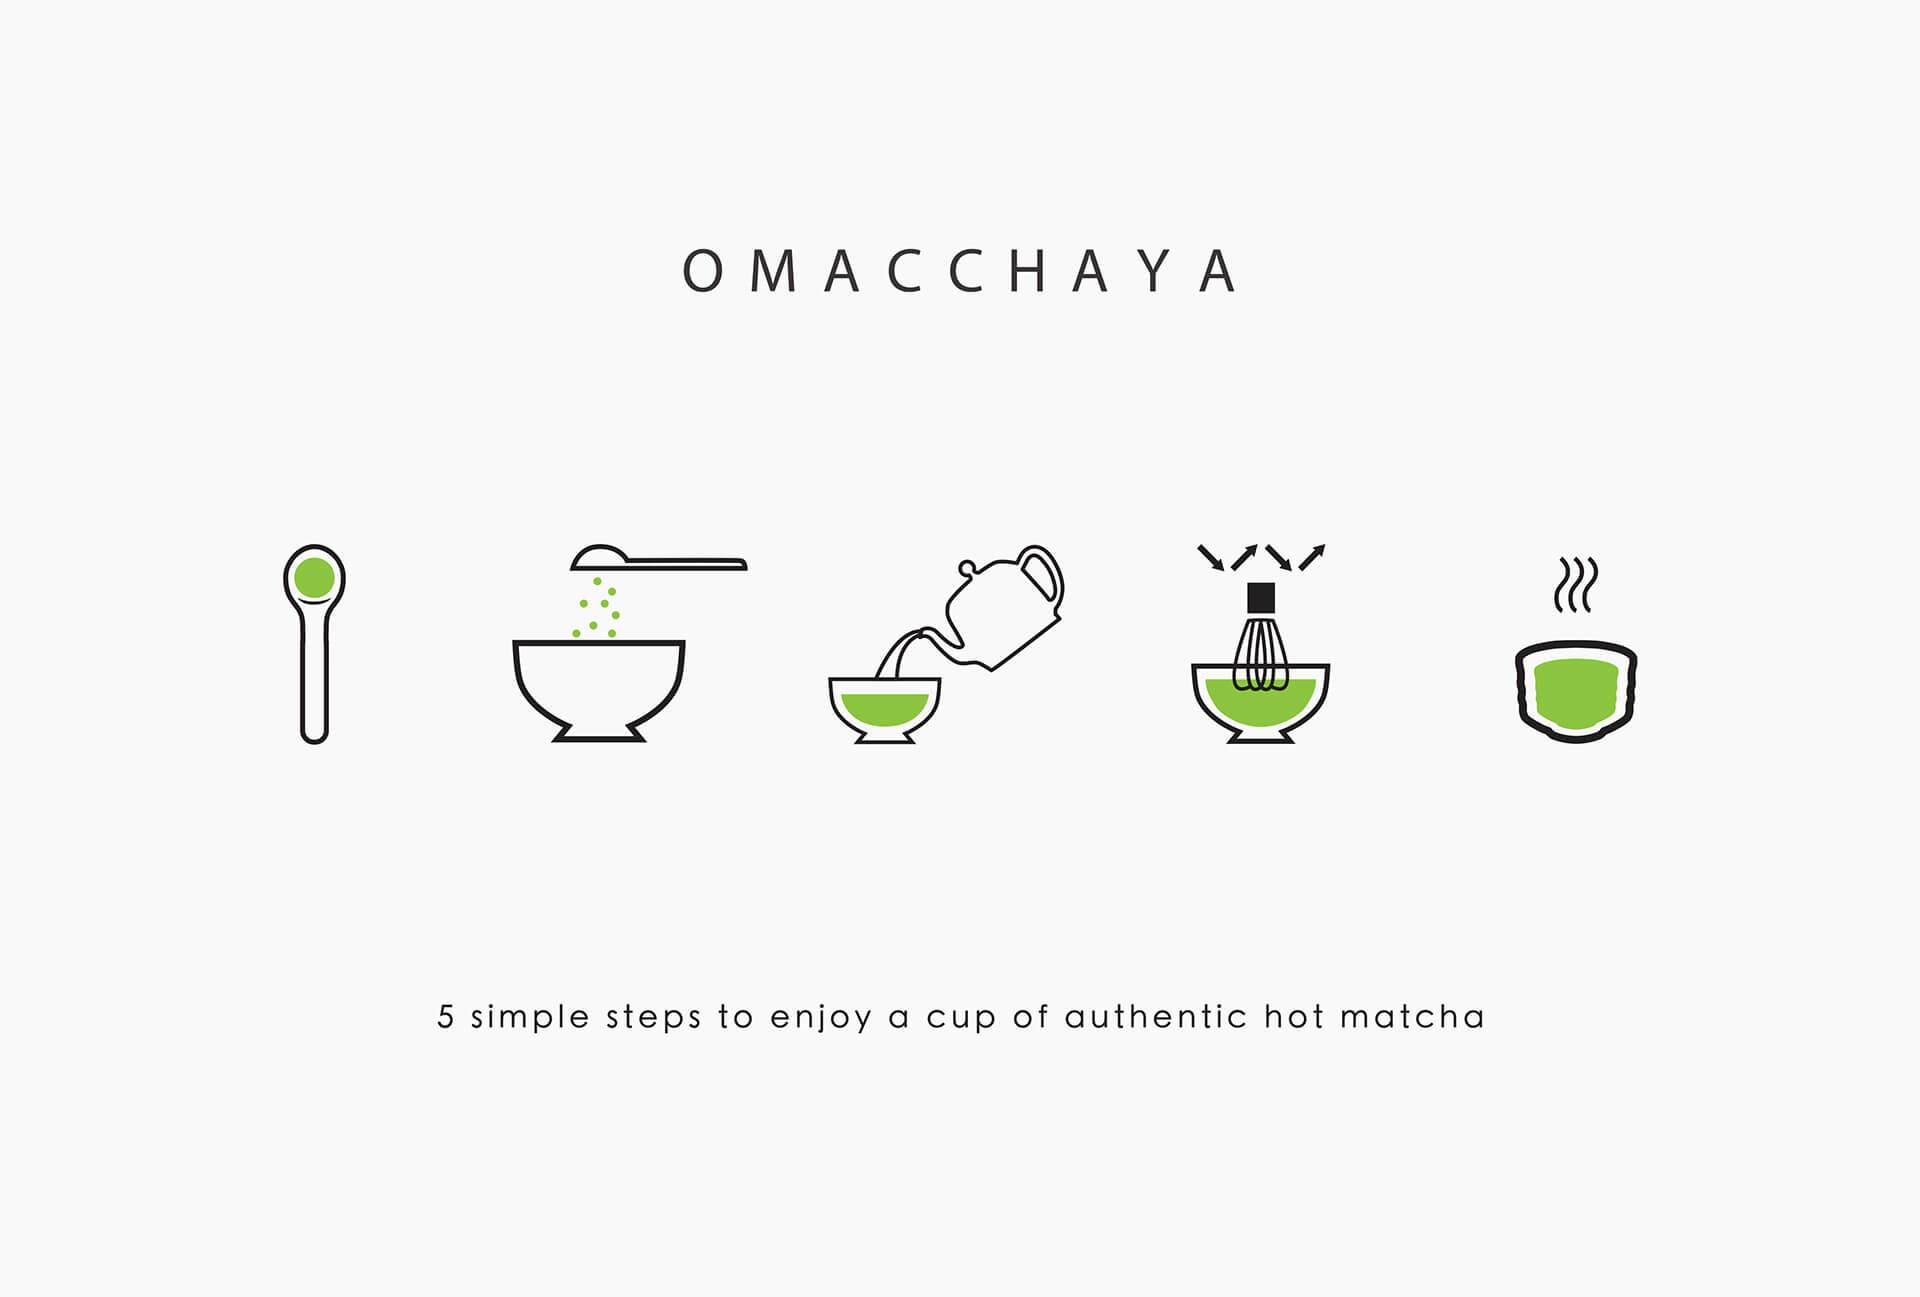 抹茶流程視覺設計